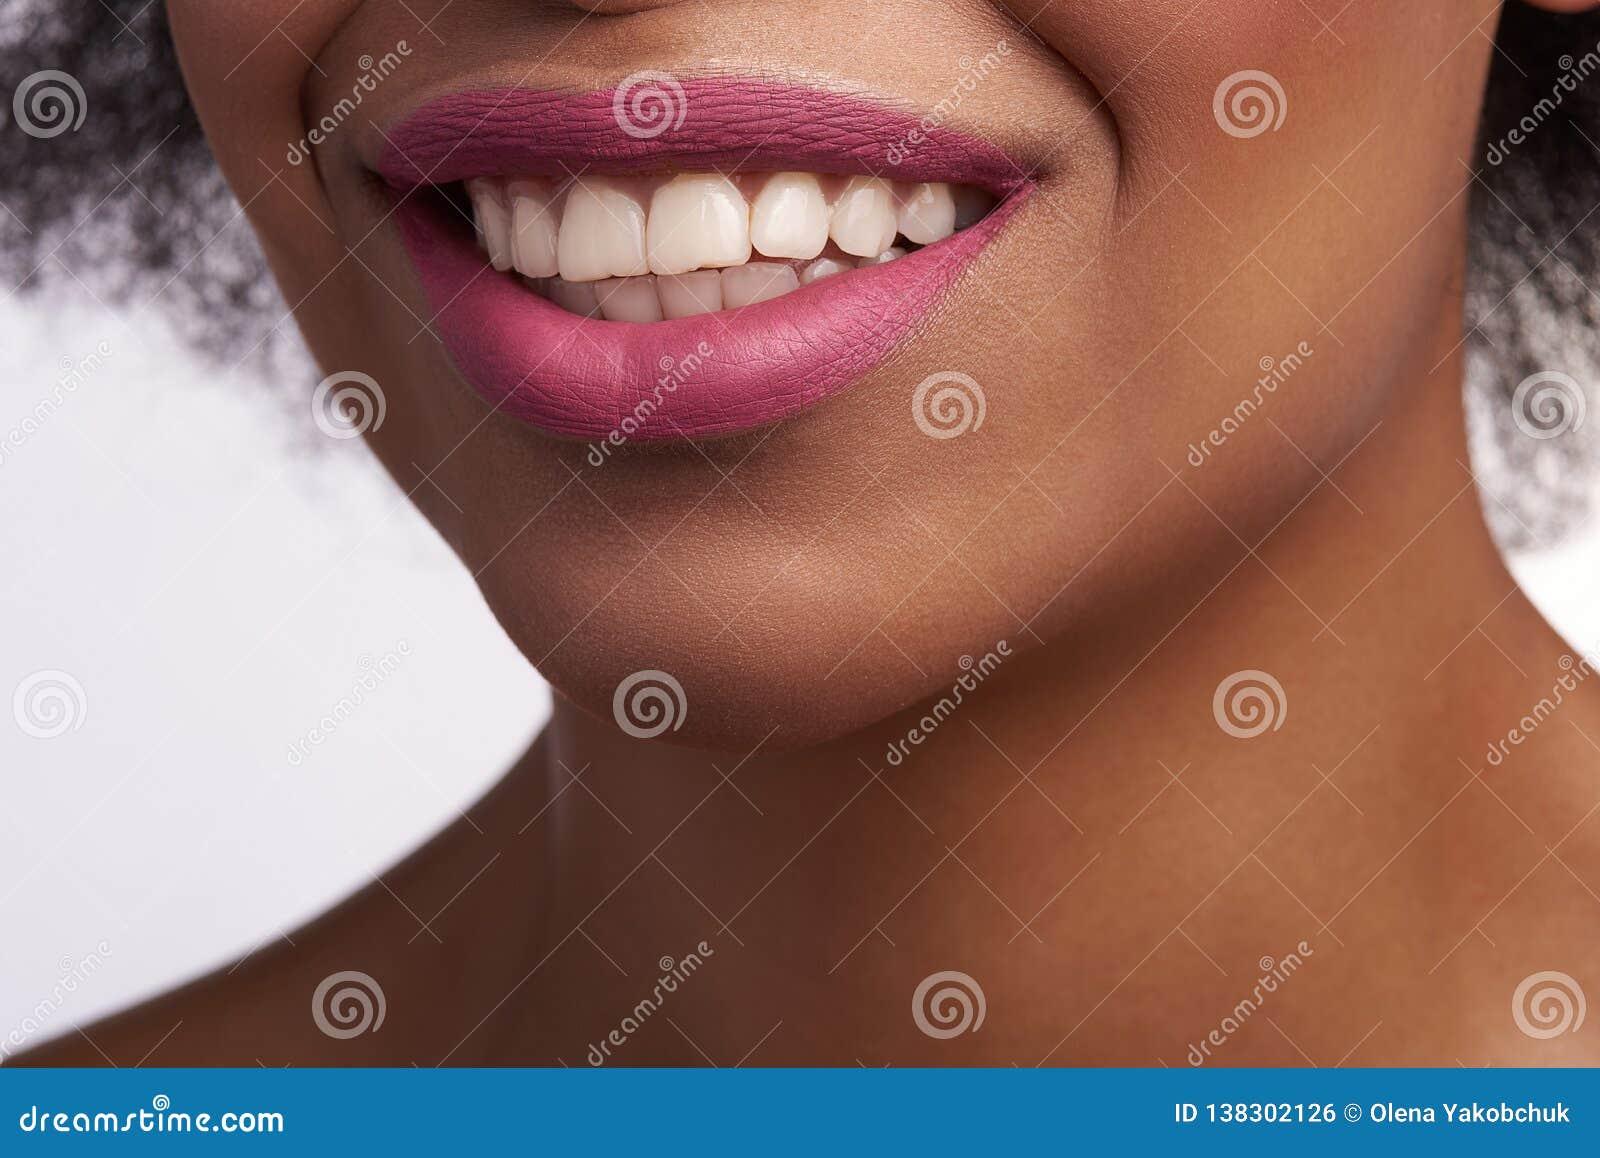 Закройте вверх чувственного усмехаясь рта этнической женщины